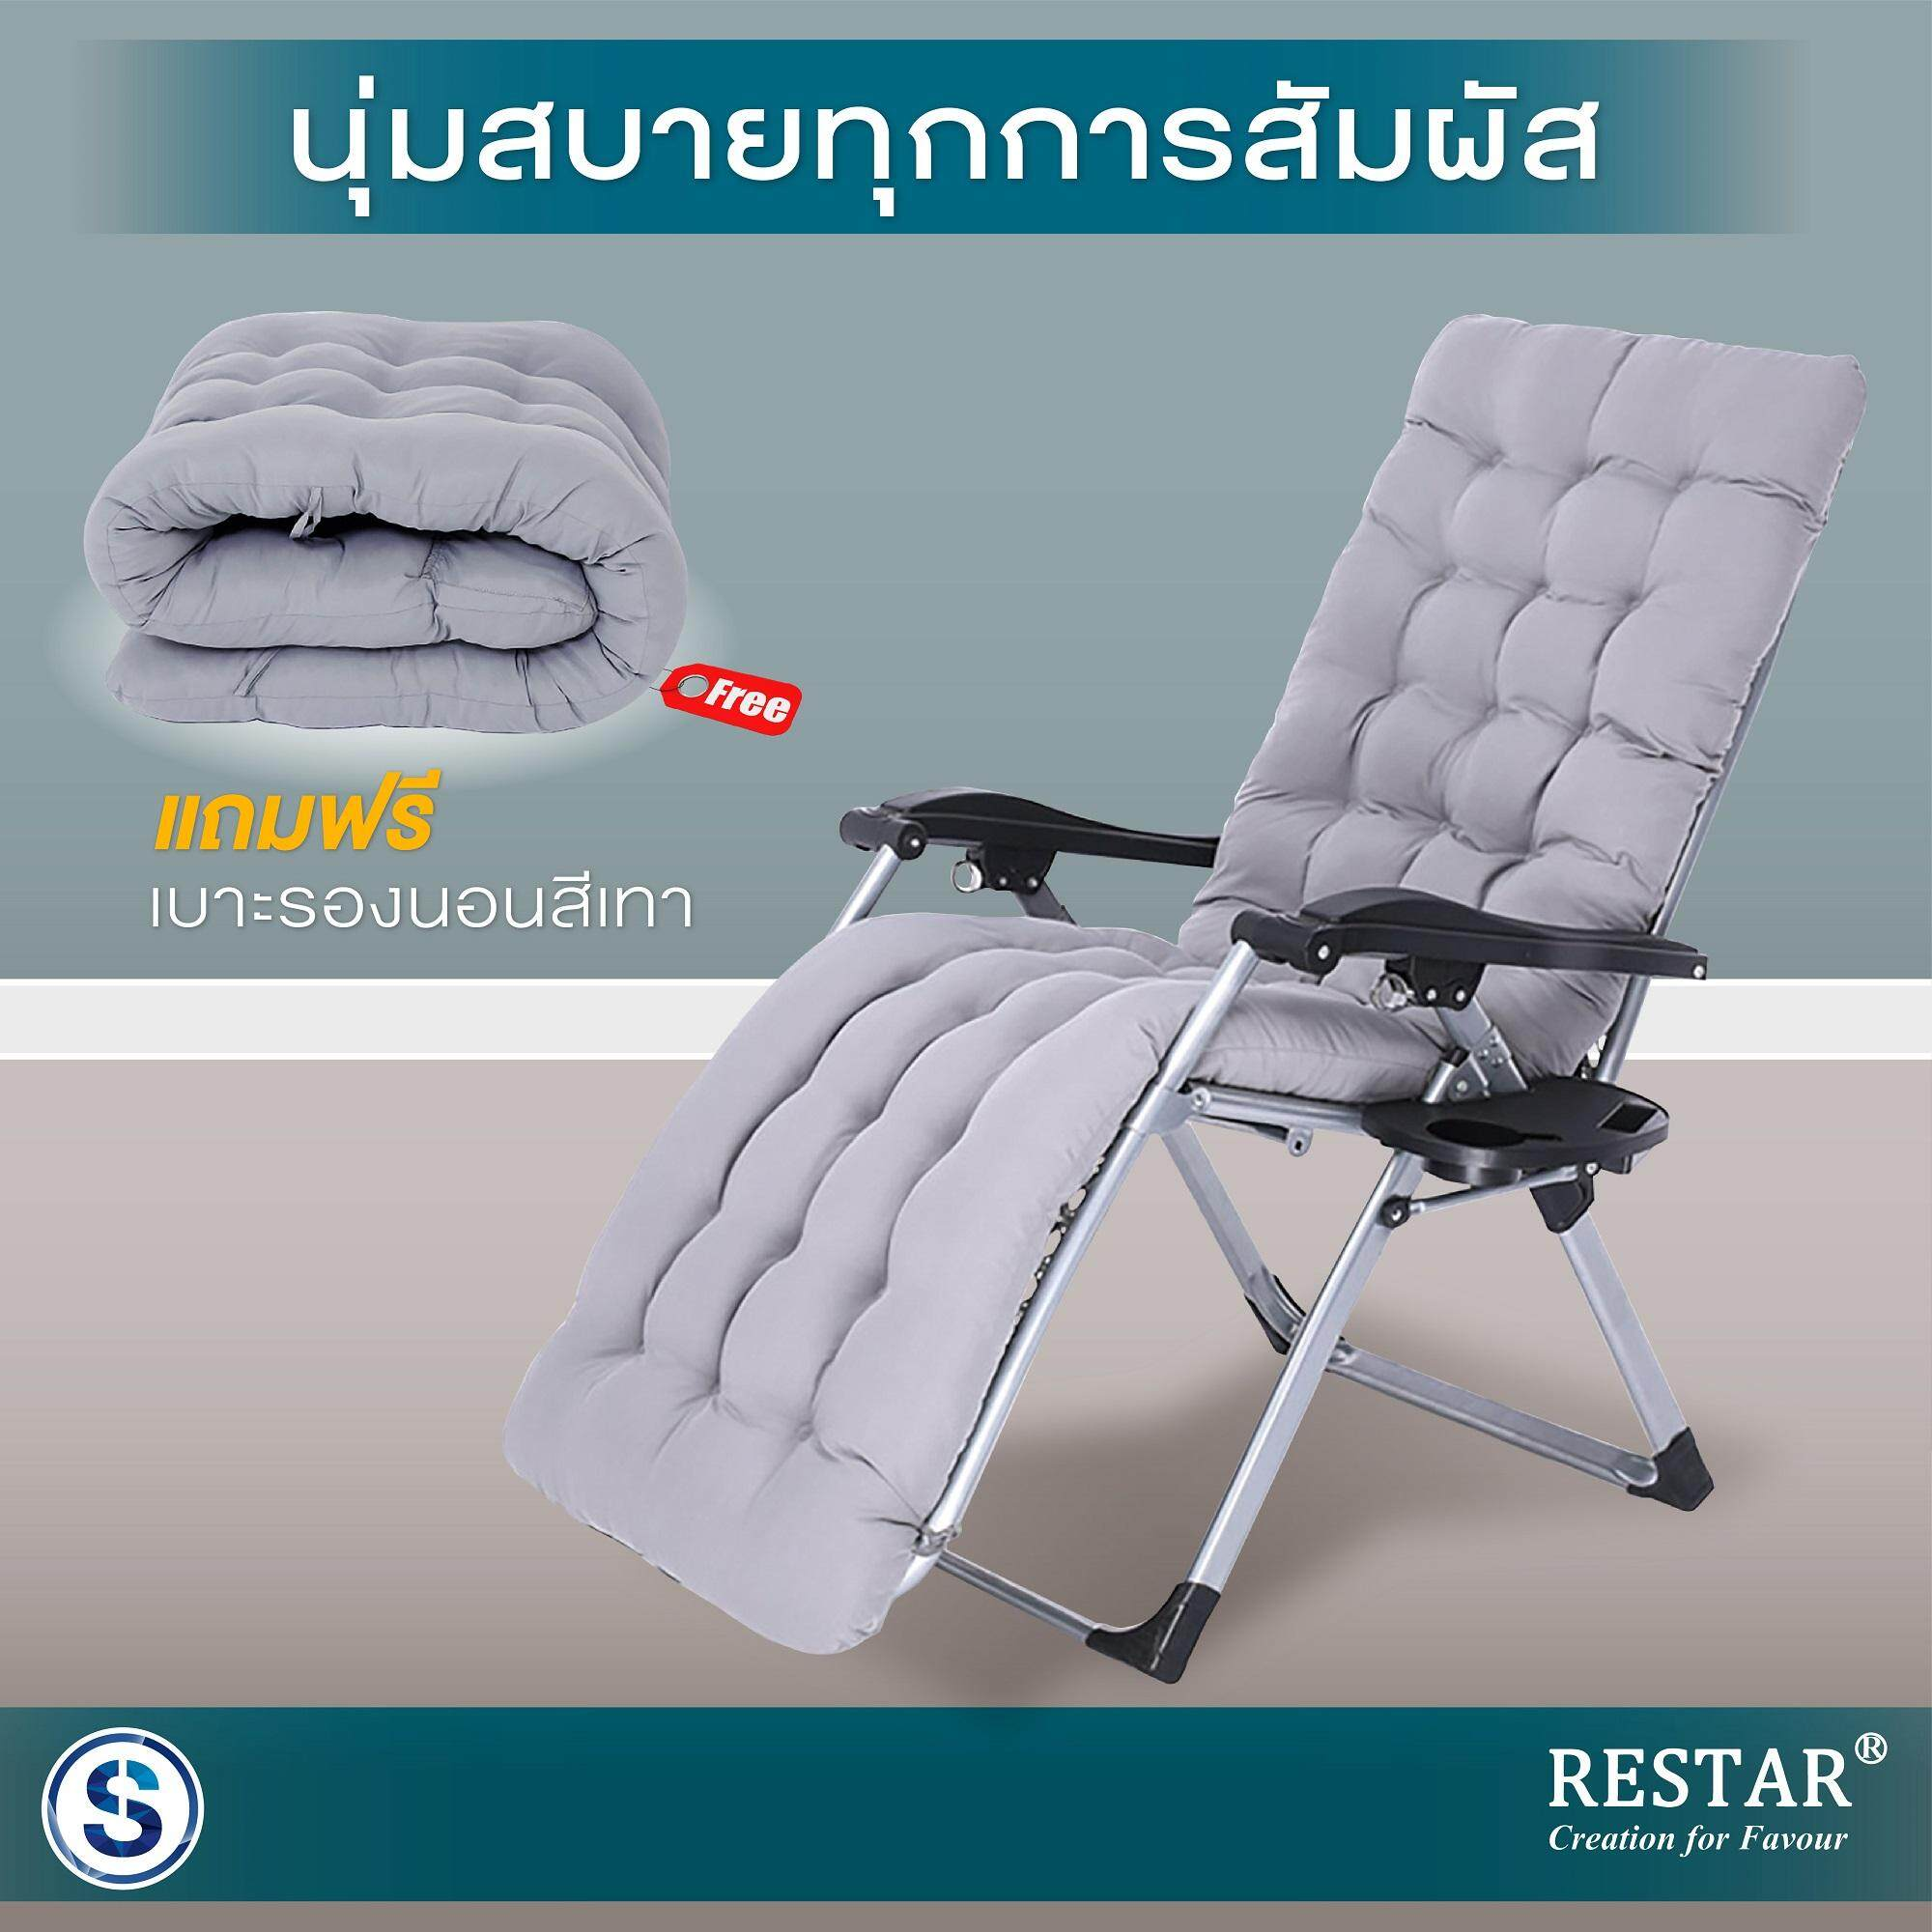 Restar เก้าอี้สุขภาพ เก้าอี้ปรับเอนนอน รุ่น Chill Chill 0506 พร้อมเบาะนวมสีเทา.